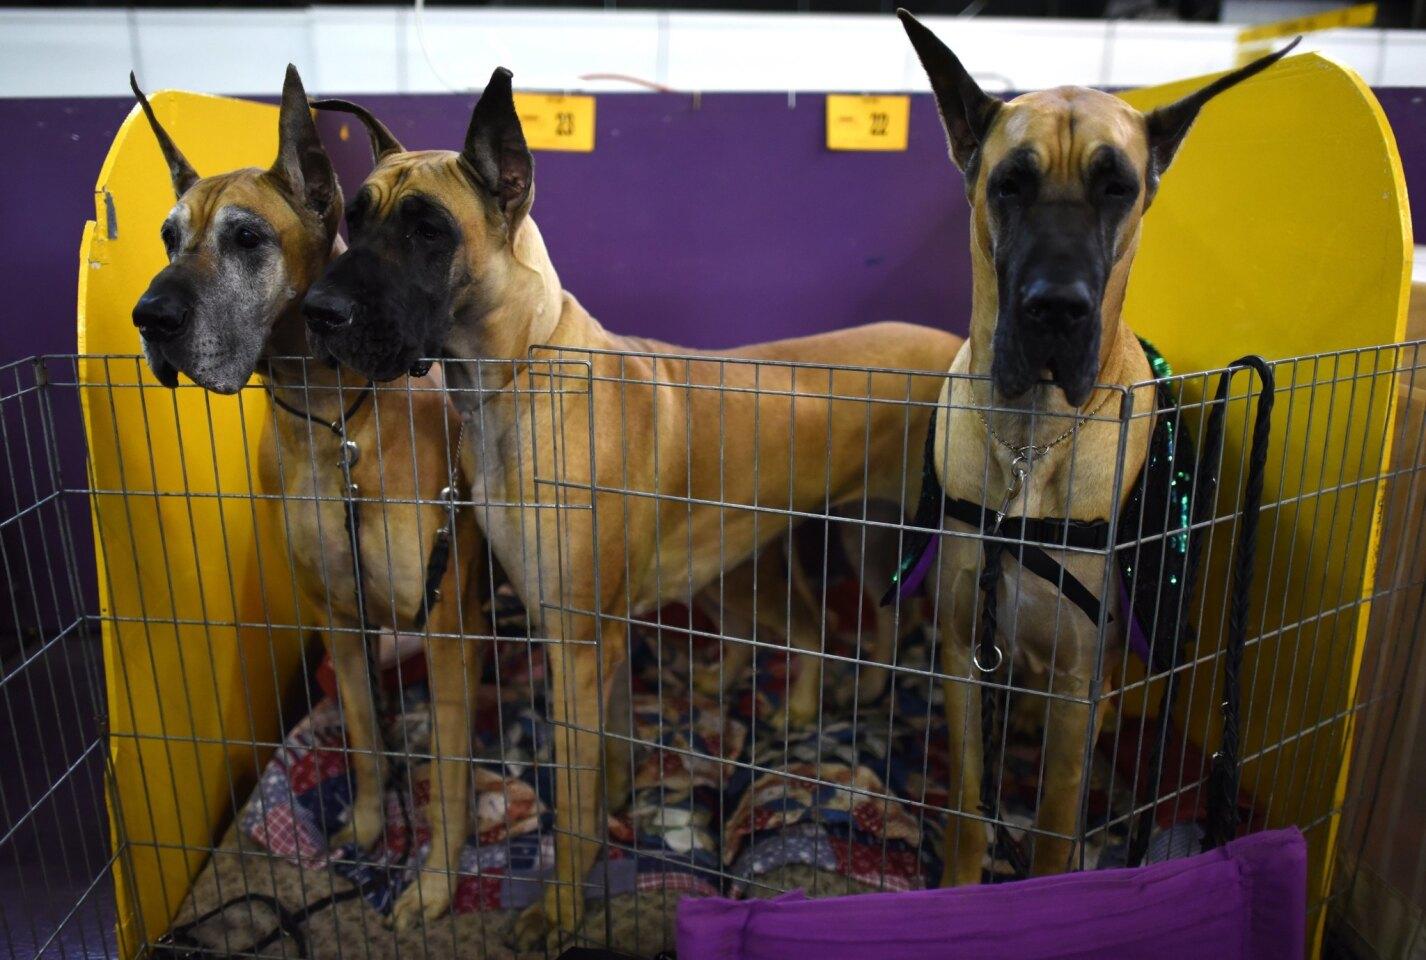 Worst large dog: Great Dane